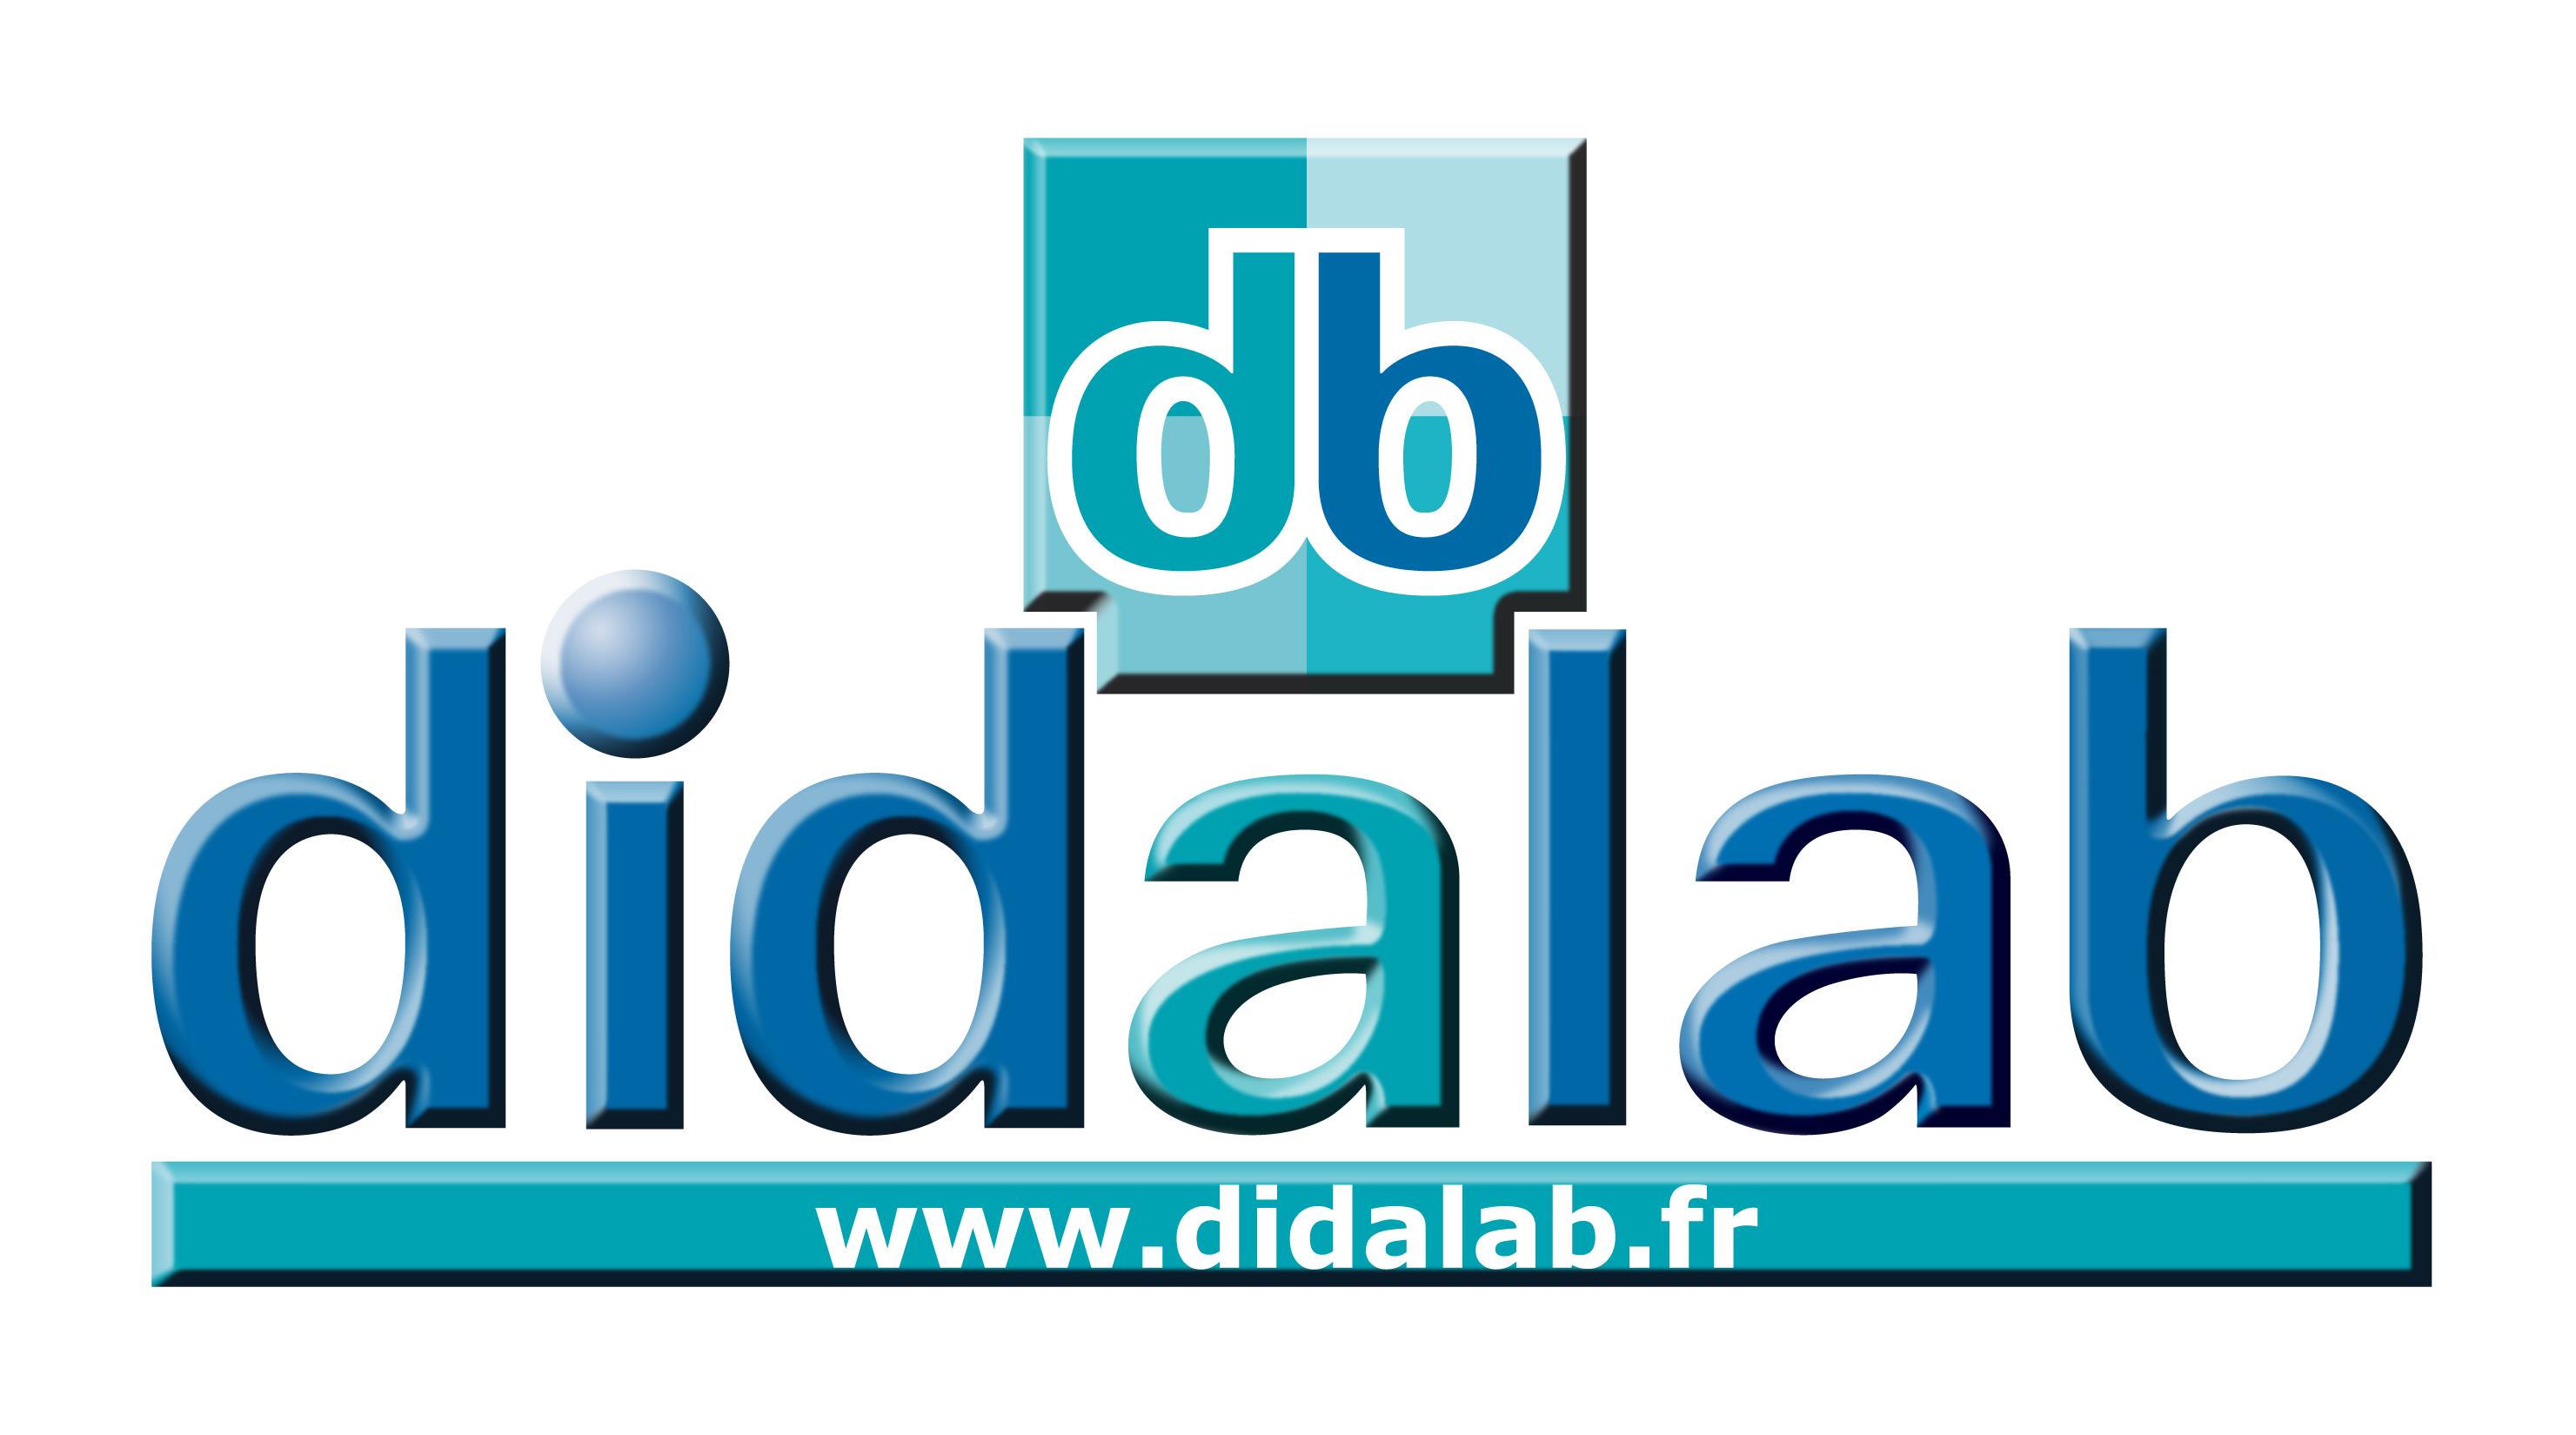 didalab